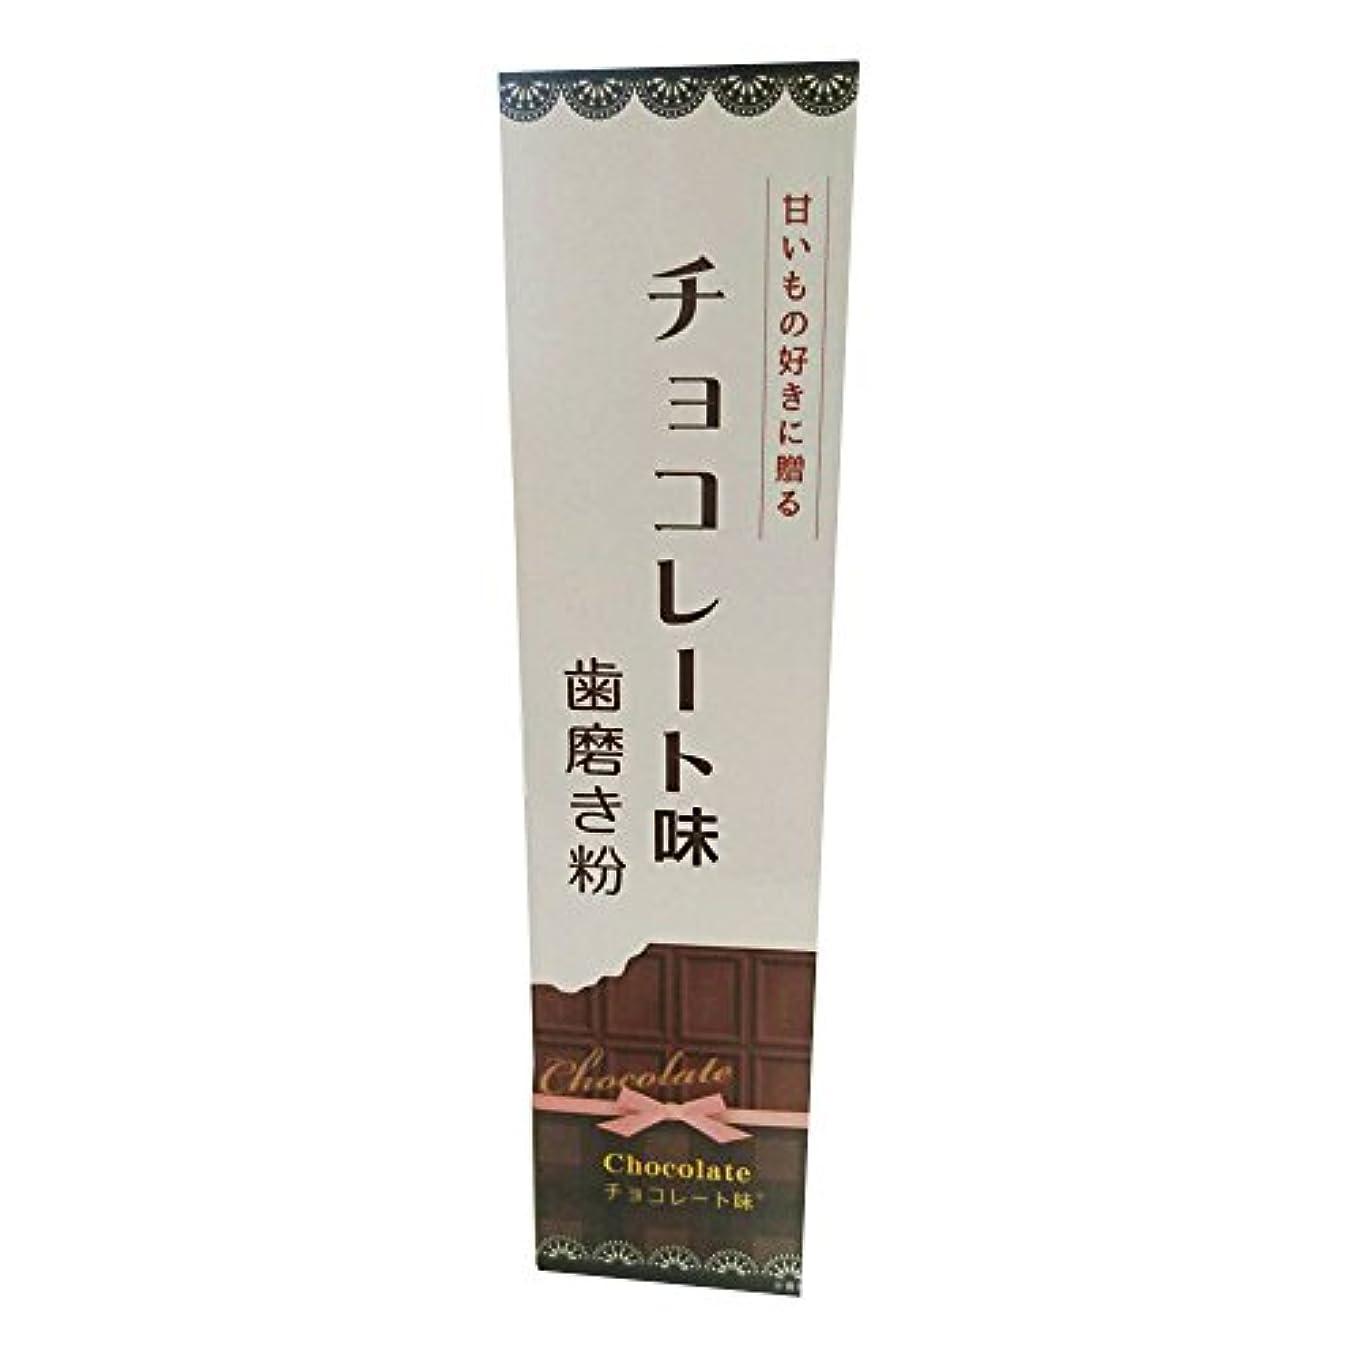 発表雪だるま分配しますフレーバー歯磨き粉チョコレート味 70g